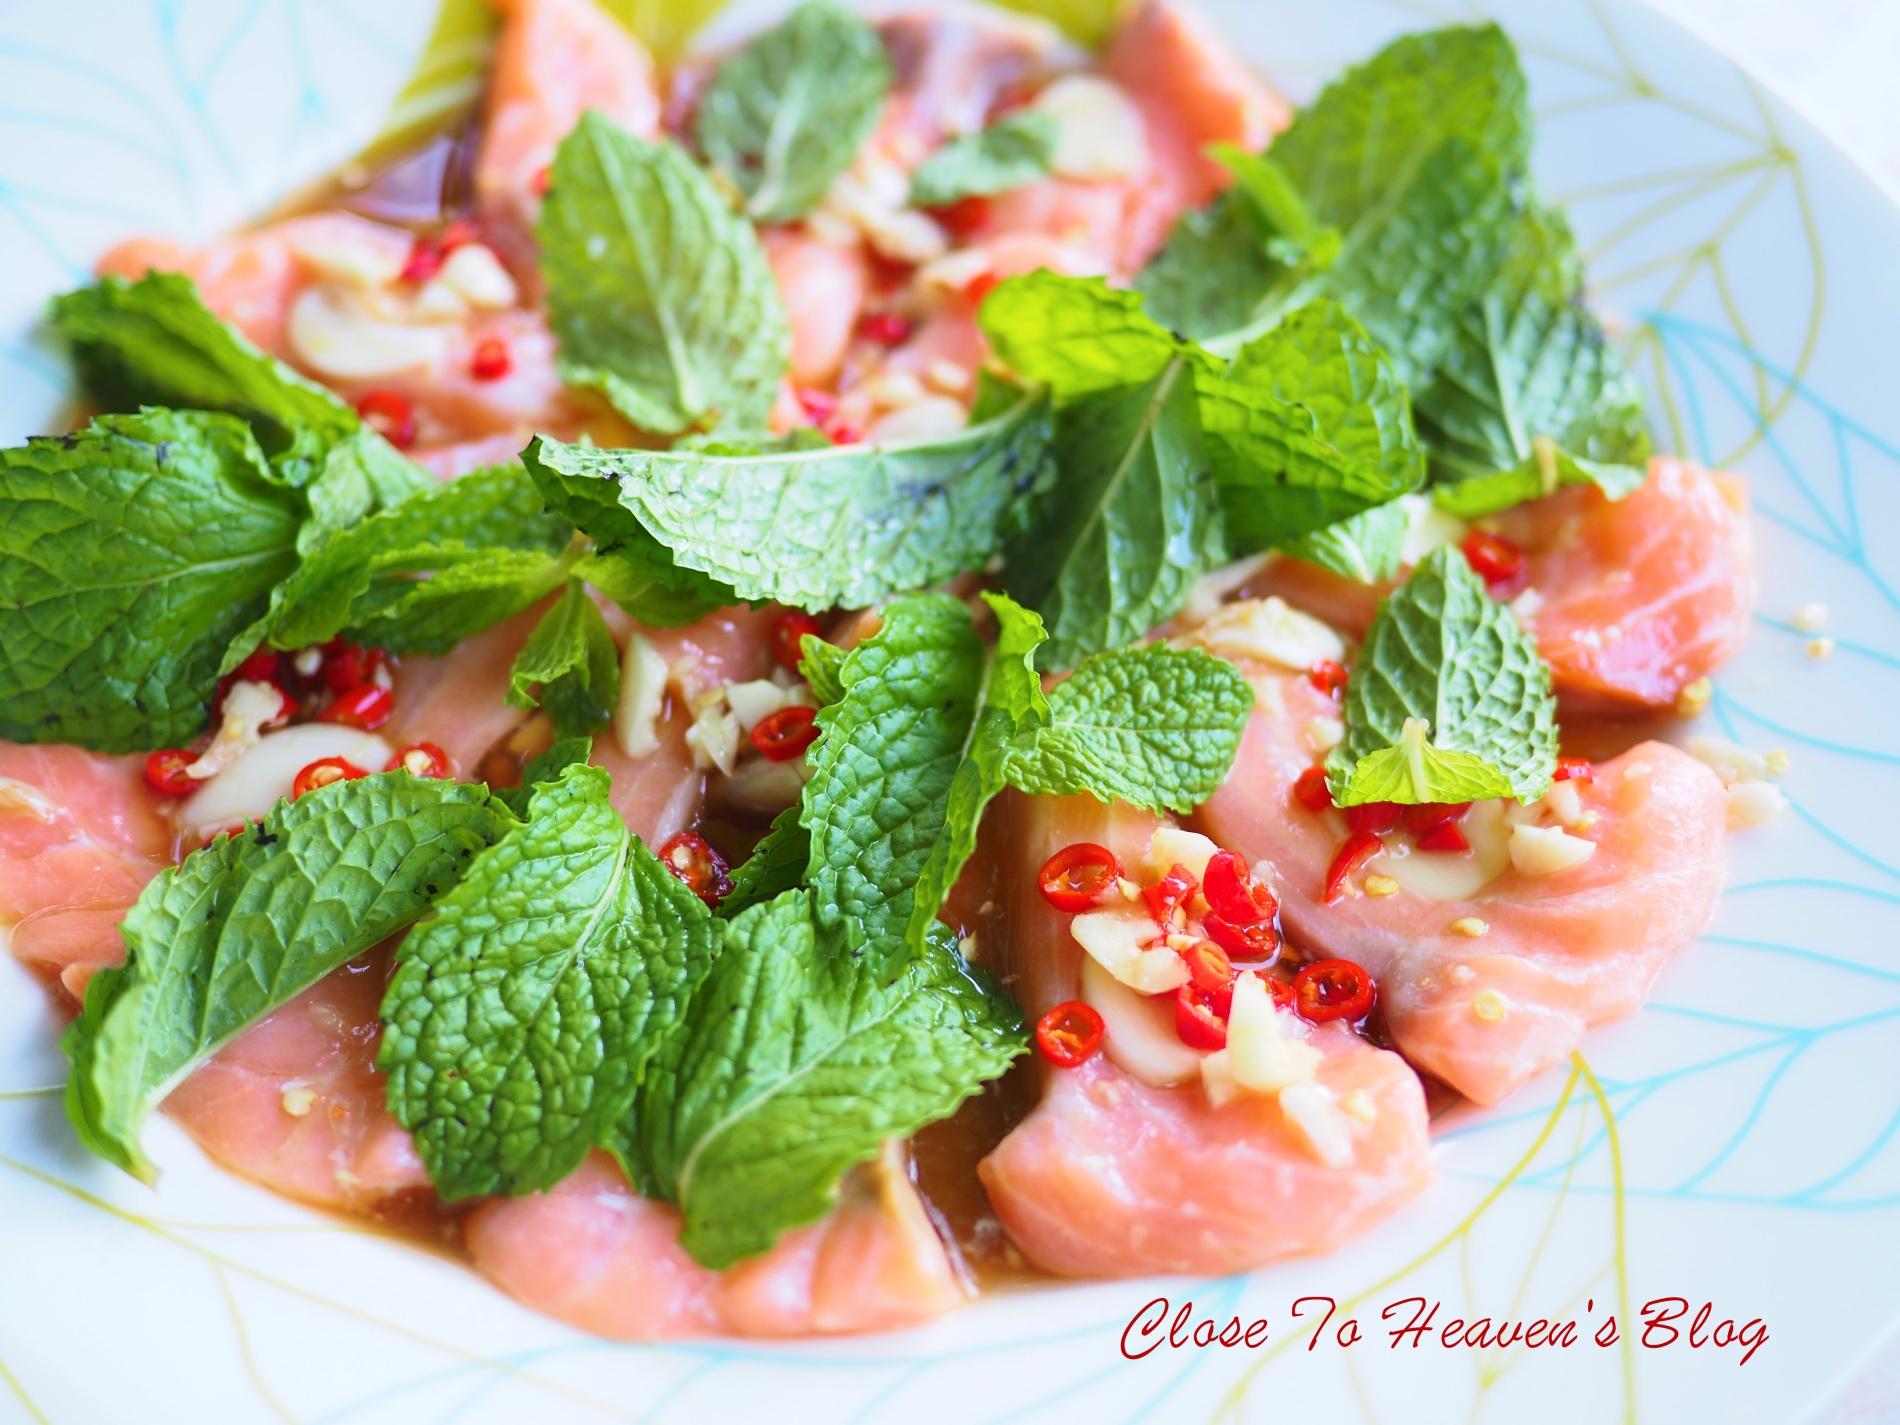 แซลมอนแช่น้ำปลา Salmon in fish sauce